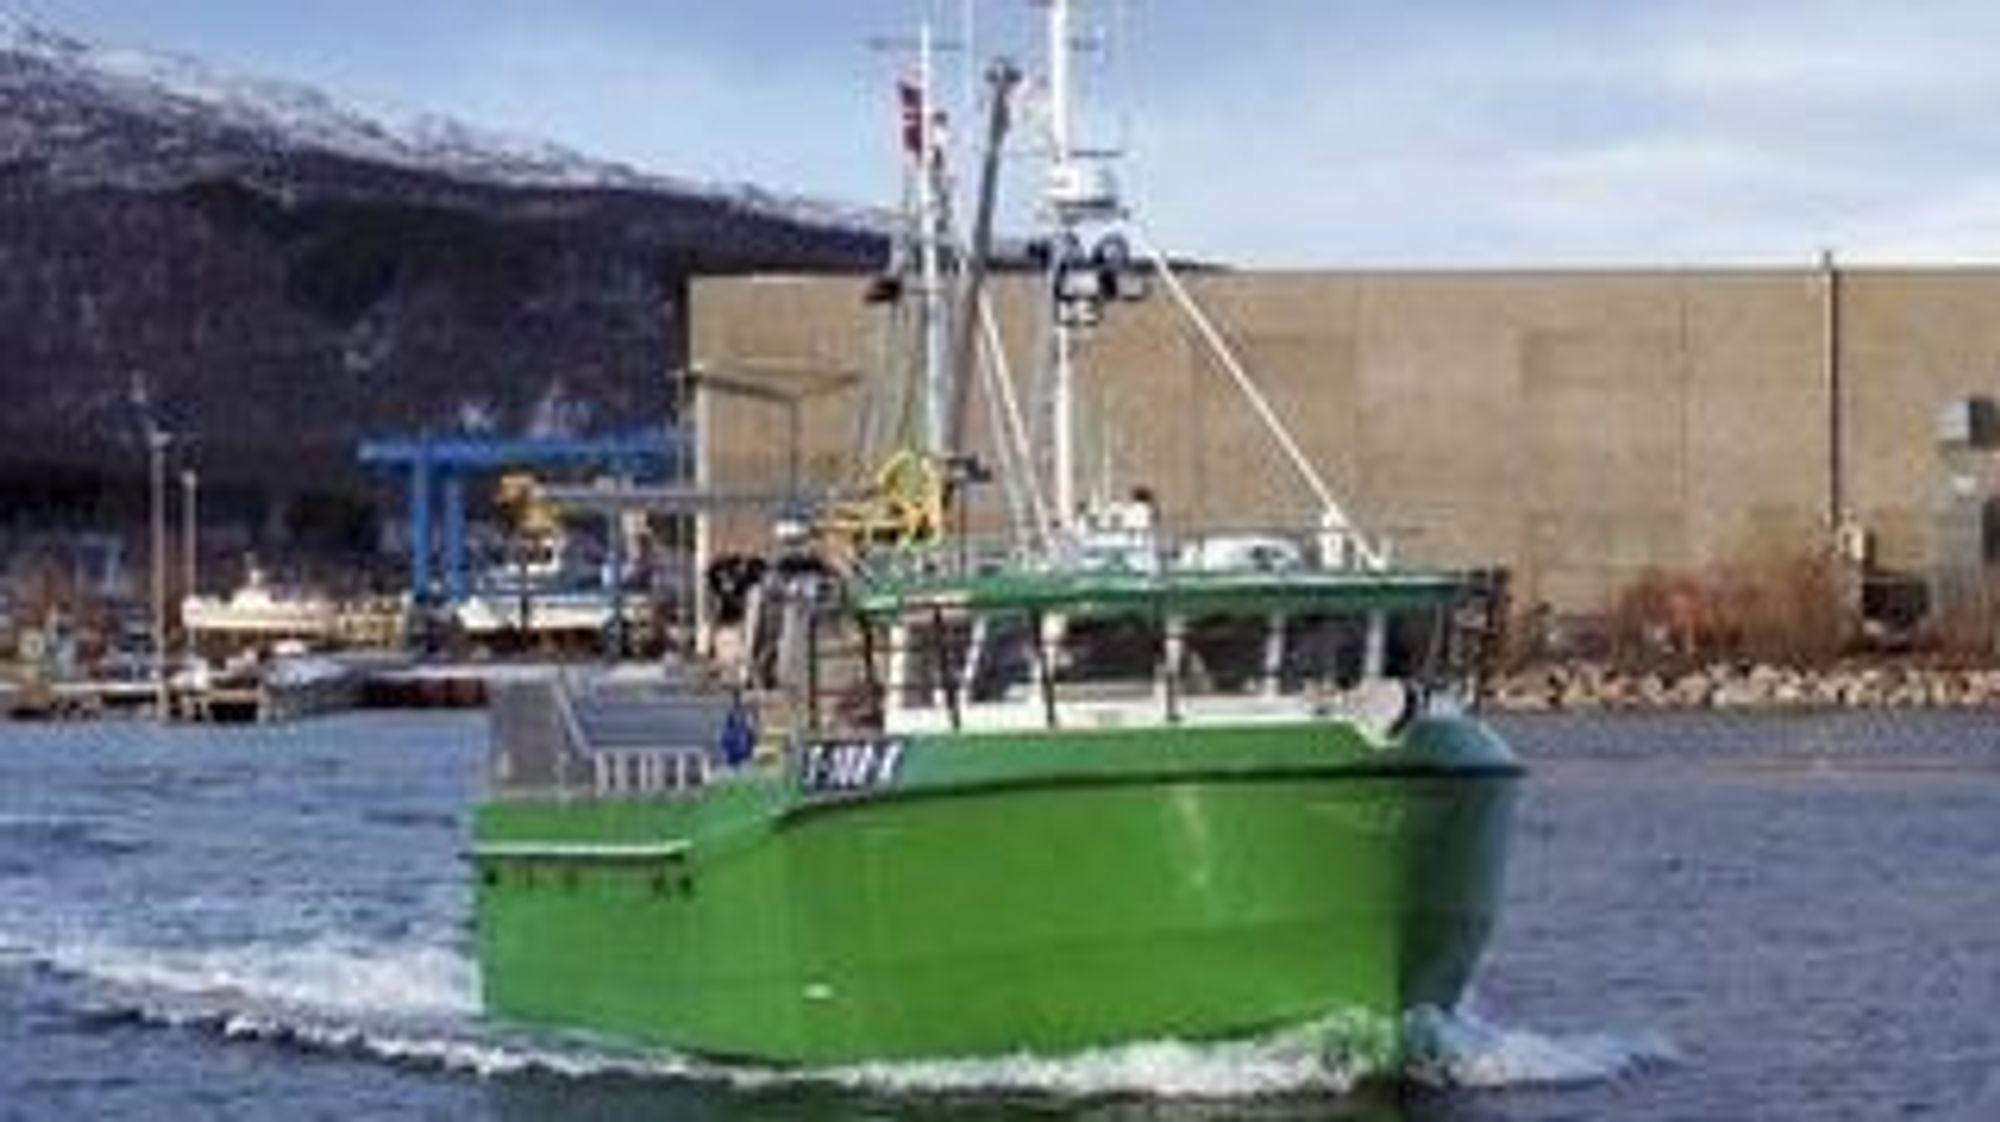 Fiskerne får subsidiert diesel i 2019, men i 2020 må de kutte utslipp